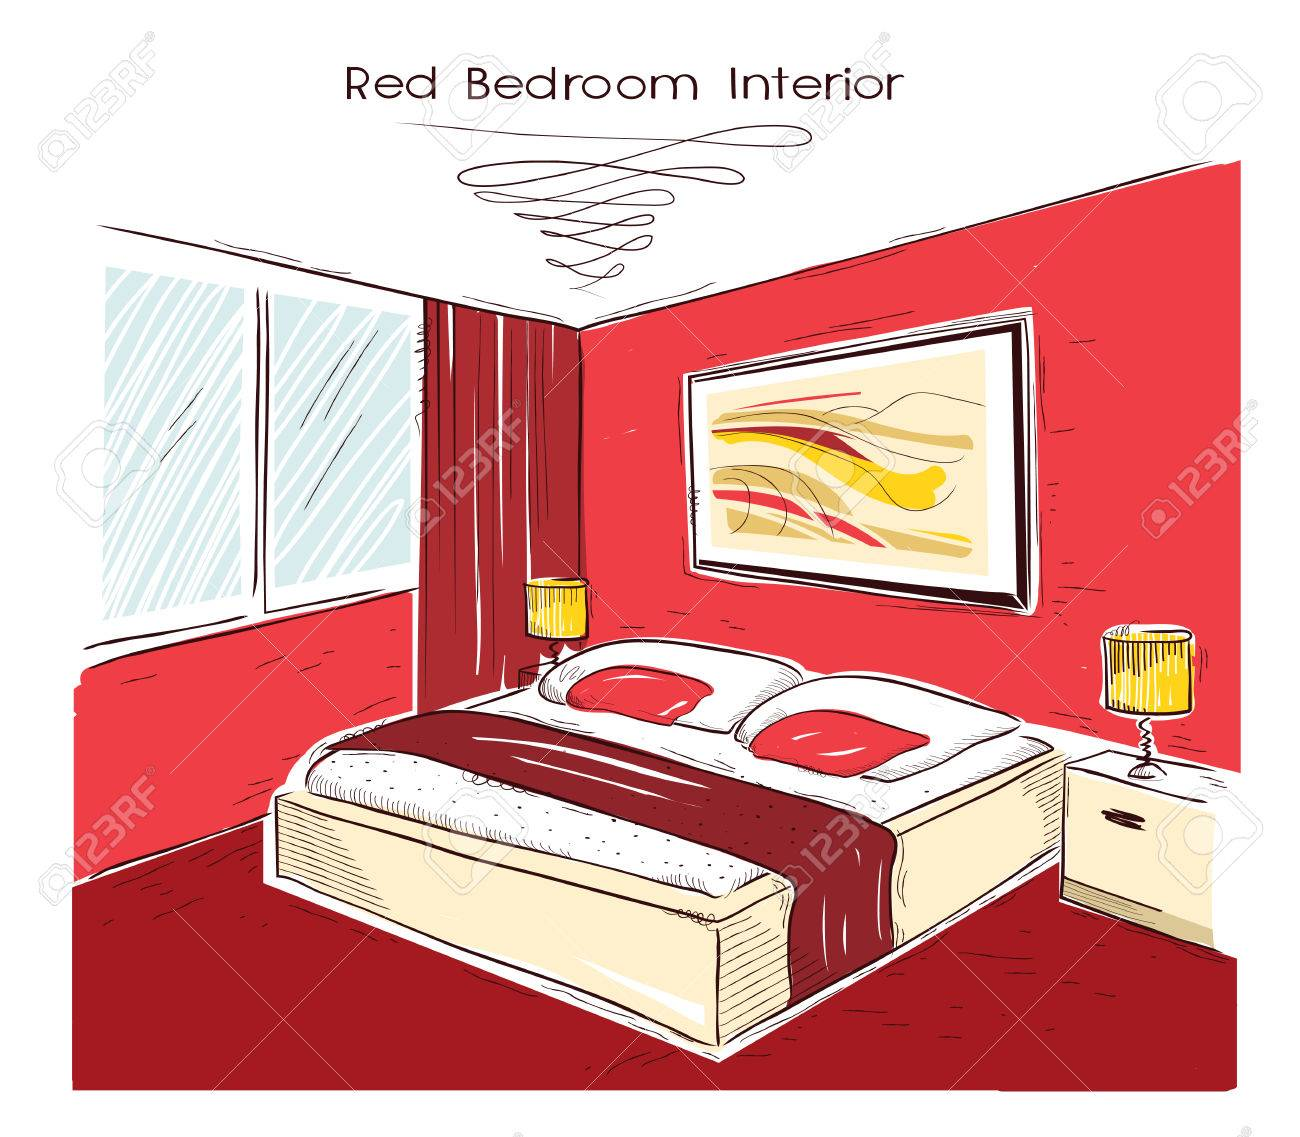 Interieur De La Chambre Rouge Dessin Maison Moderne Illustration Main Clip Art Libres De Droits Vecteurs Et Illustration Image 57016252